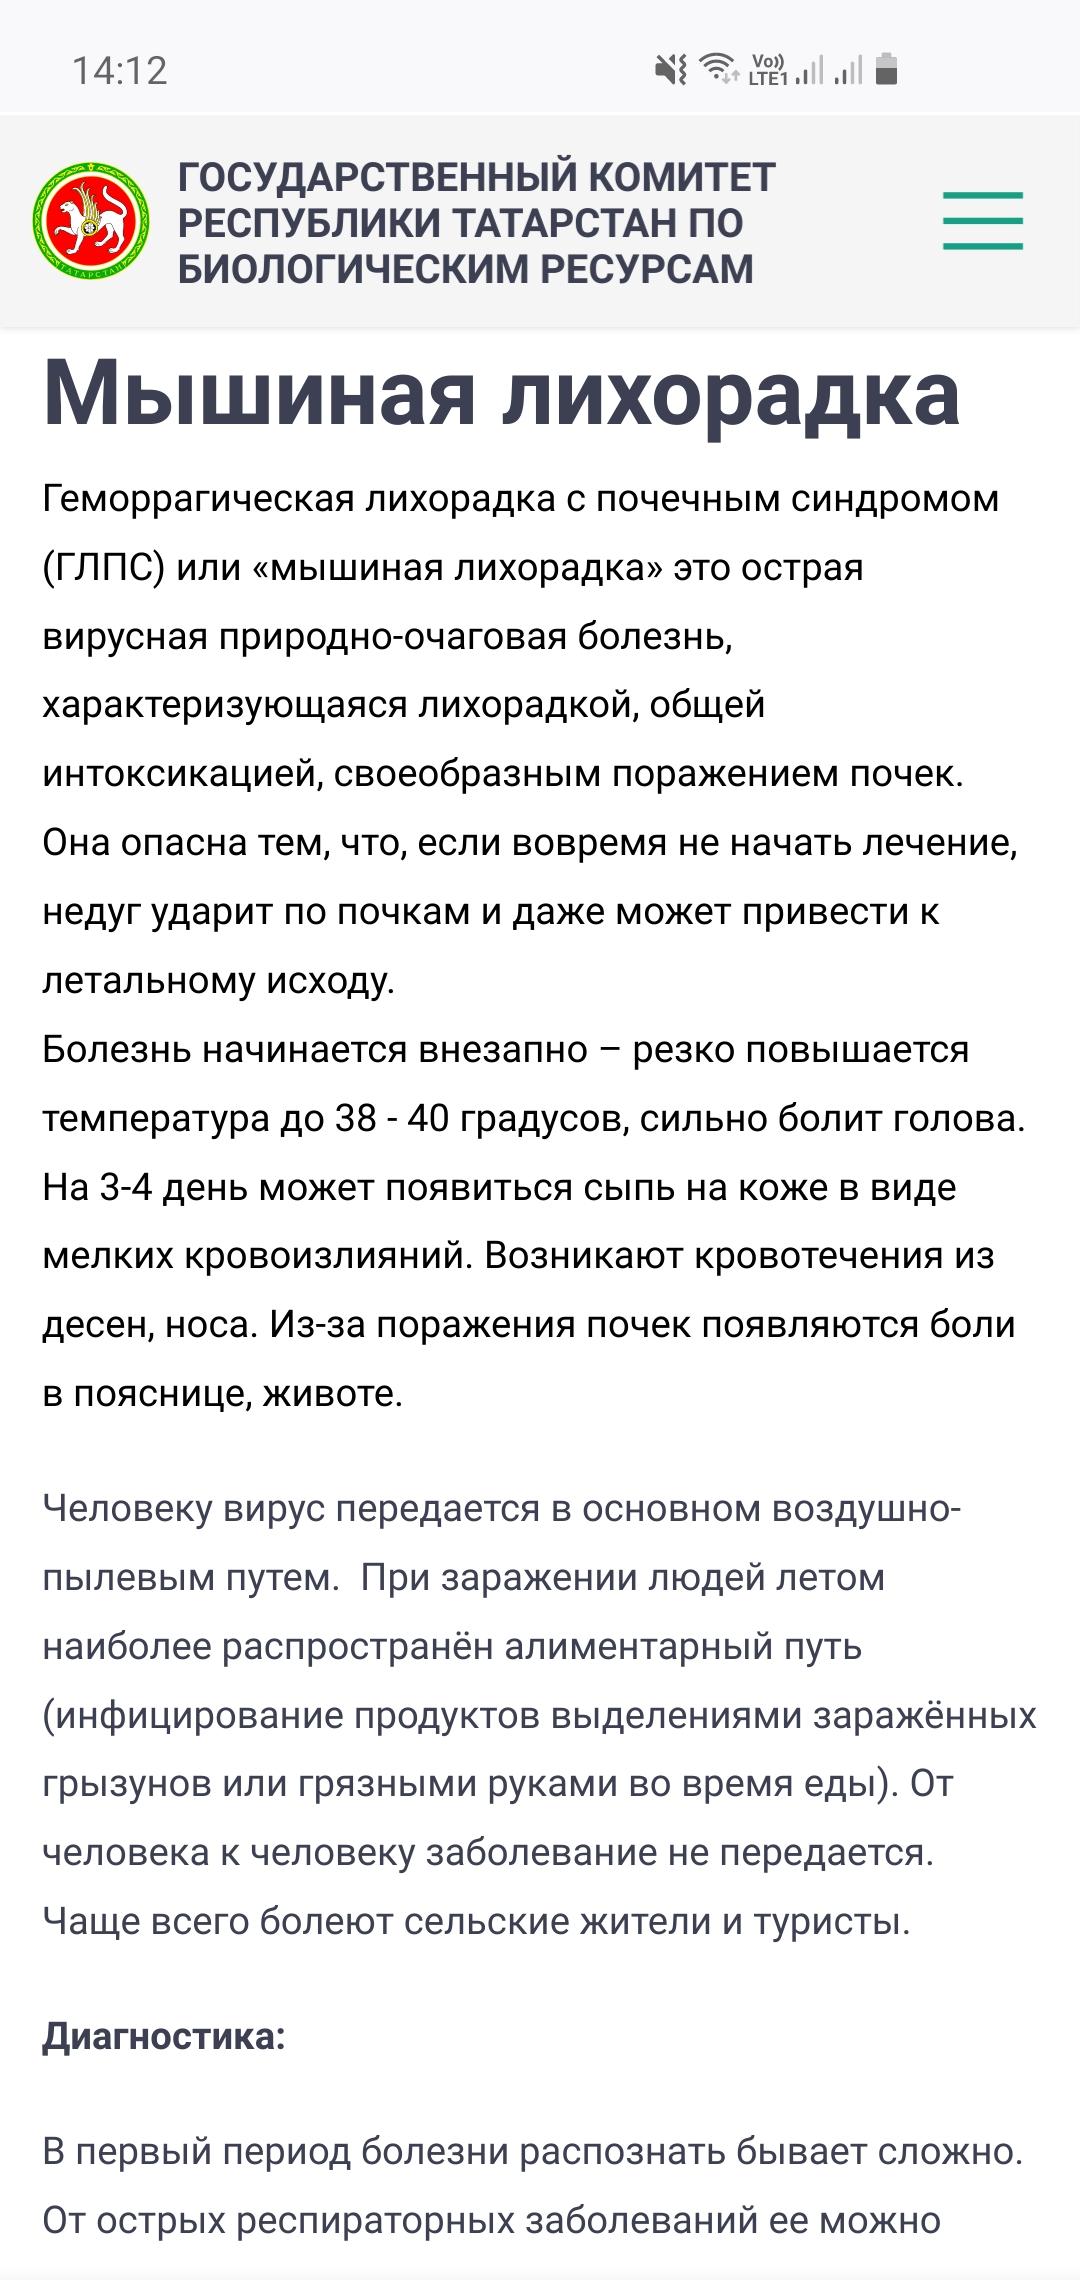 Screenshot-20201127-141233-Firefox.jpg